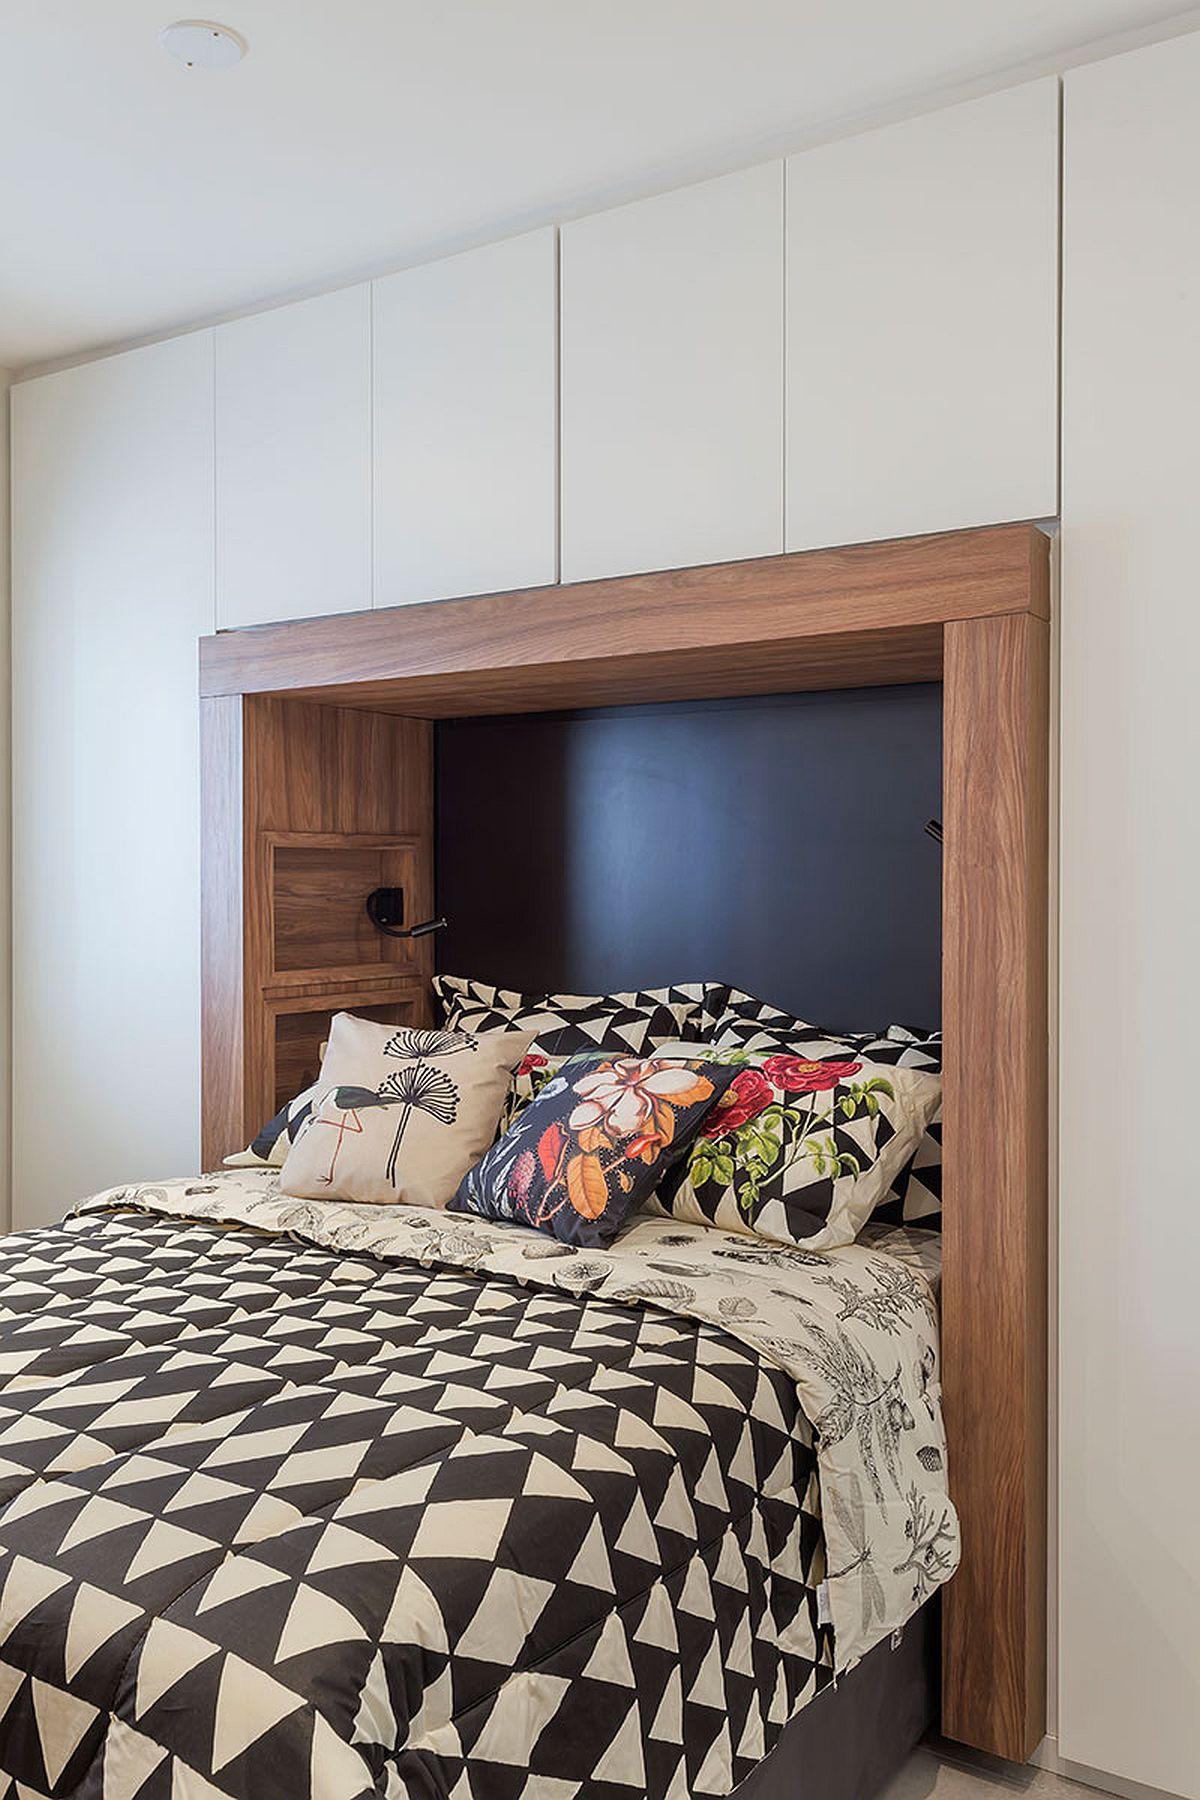 În locul noptierelor au fost create mici nișe unde sunt prezente și corpuri de iluminat mobile. În spatele patului suprafața este neagră pentru un efect de profunzime.